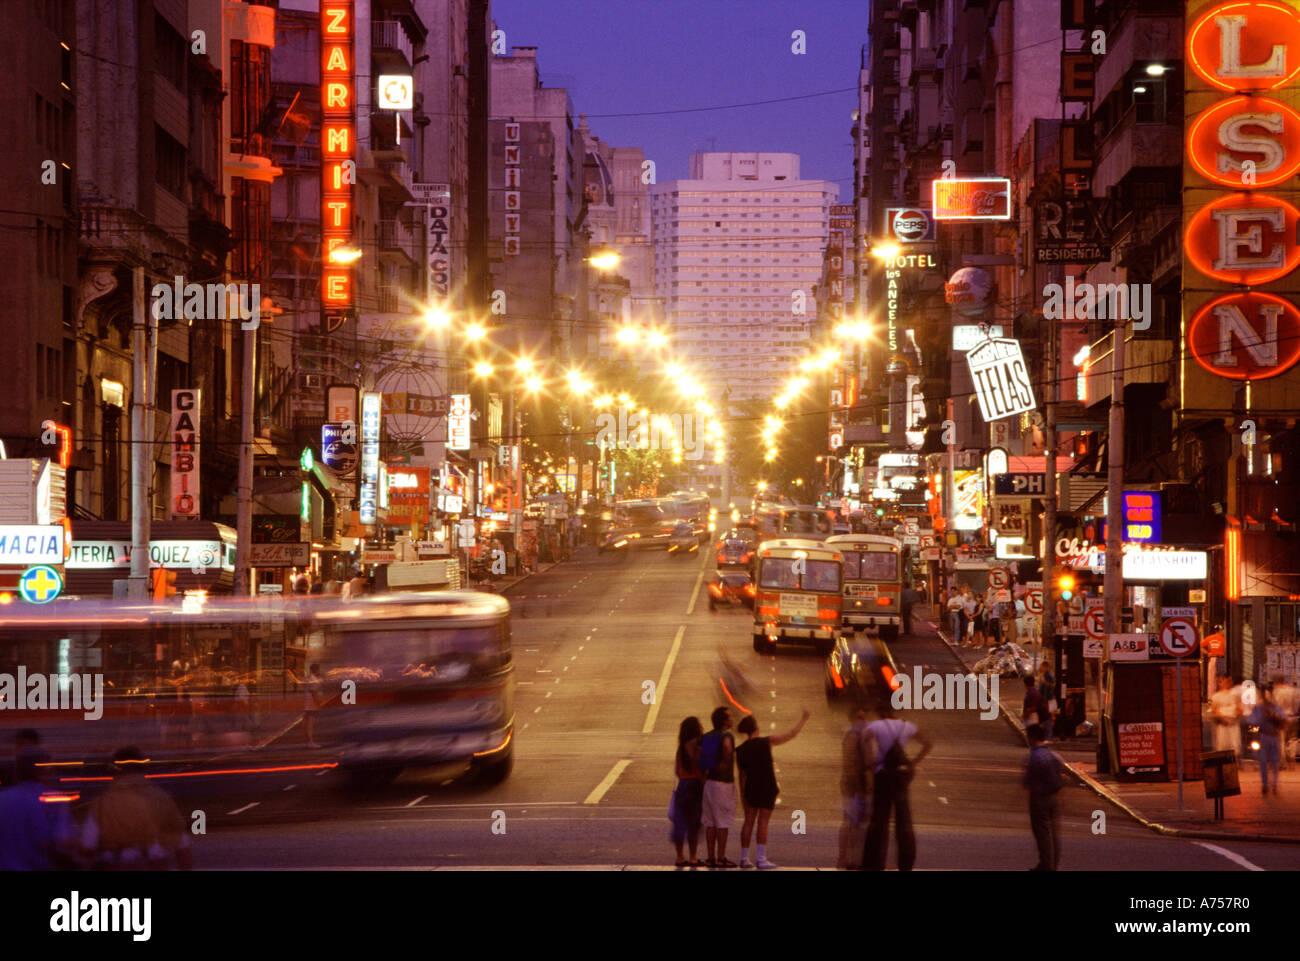 Montevideo Uruguay South America Avenida 18 de Julio at